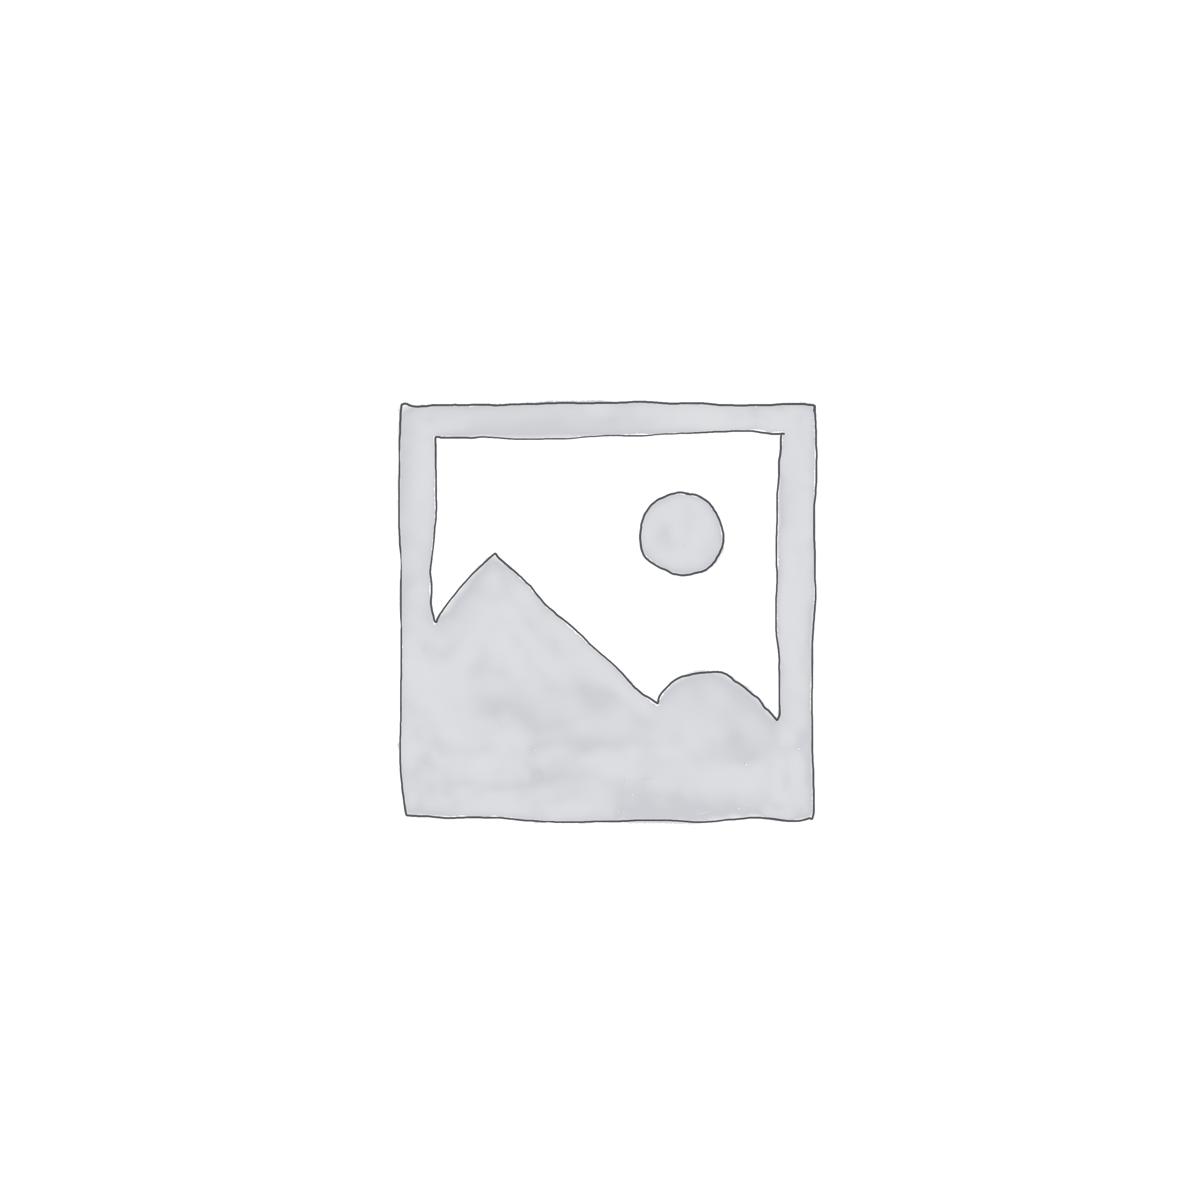 CHO THUÊ NHÀ TRONG HẺM ĐƯỜNG LẠC LONG QUÂN, TP.VŨNG TÀU